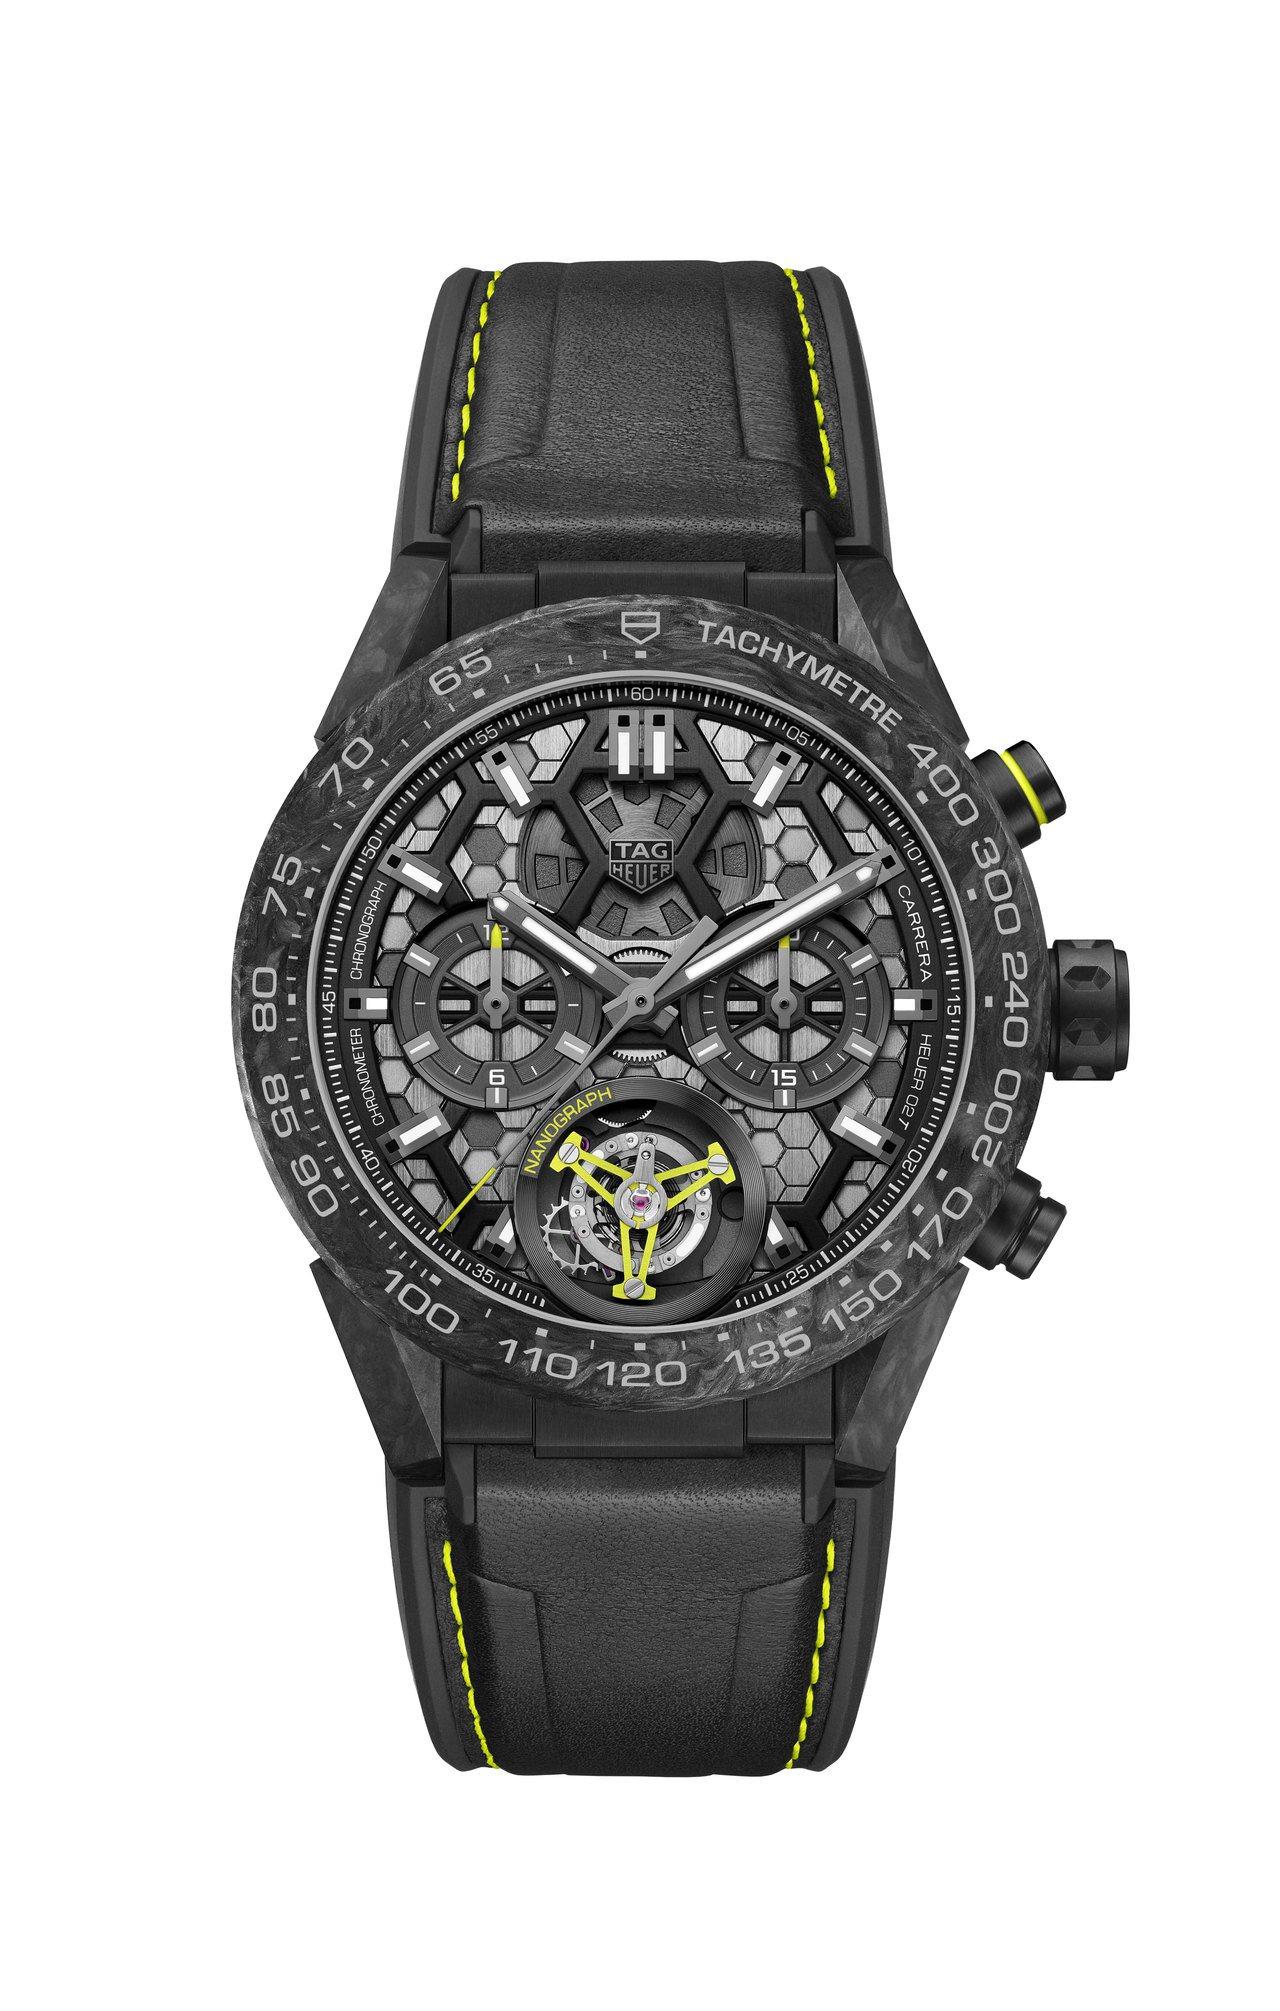 泰格豪雅Carrera Heuer 02T奈米圖騰陀飛輪腕表,碳纖維表殼,限量5...